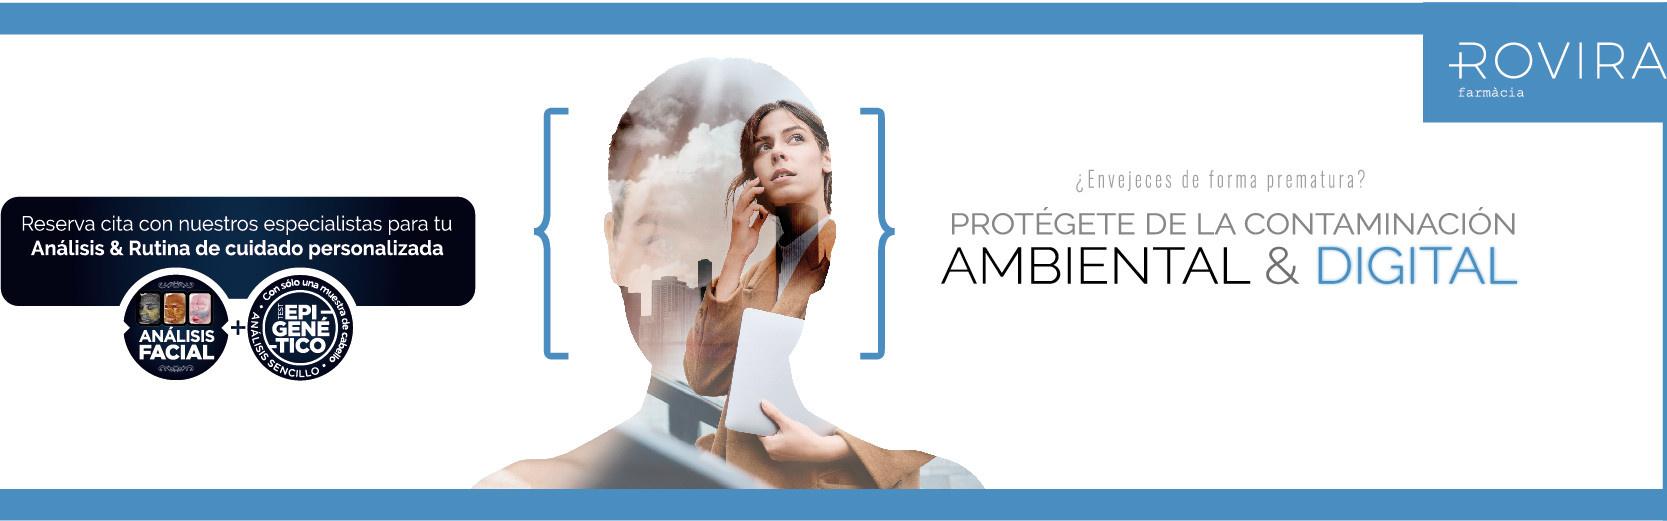 Protégete de la contaminación ambiental y digital